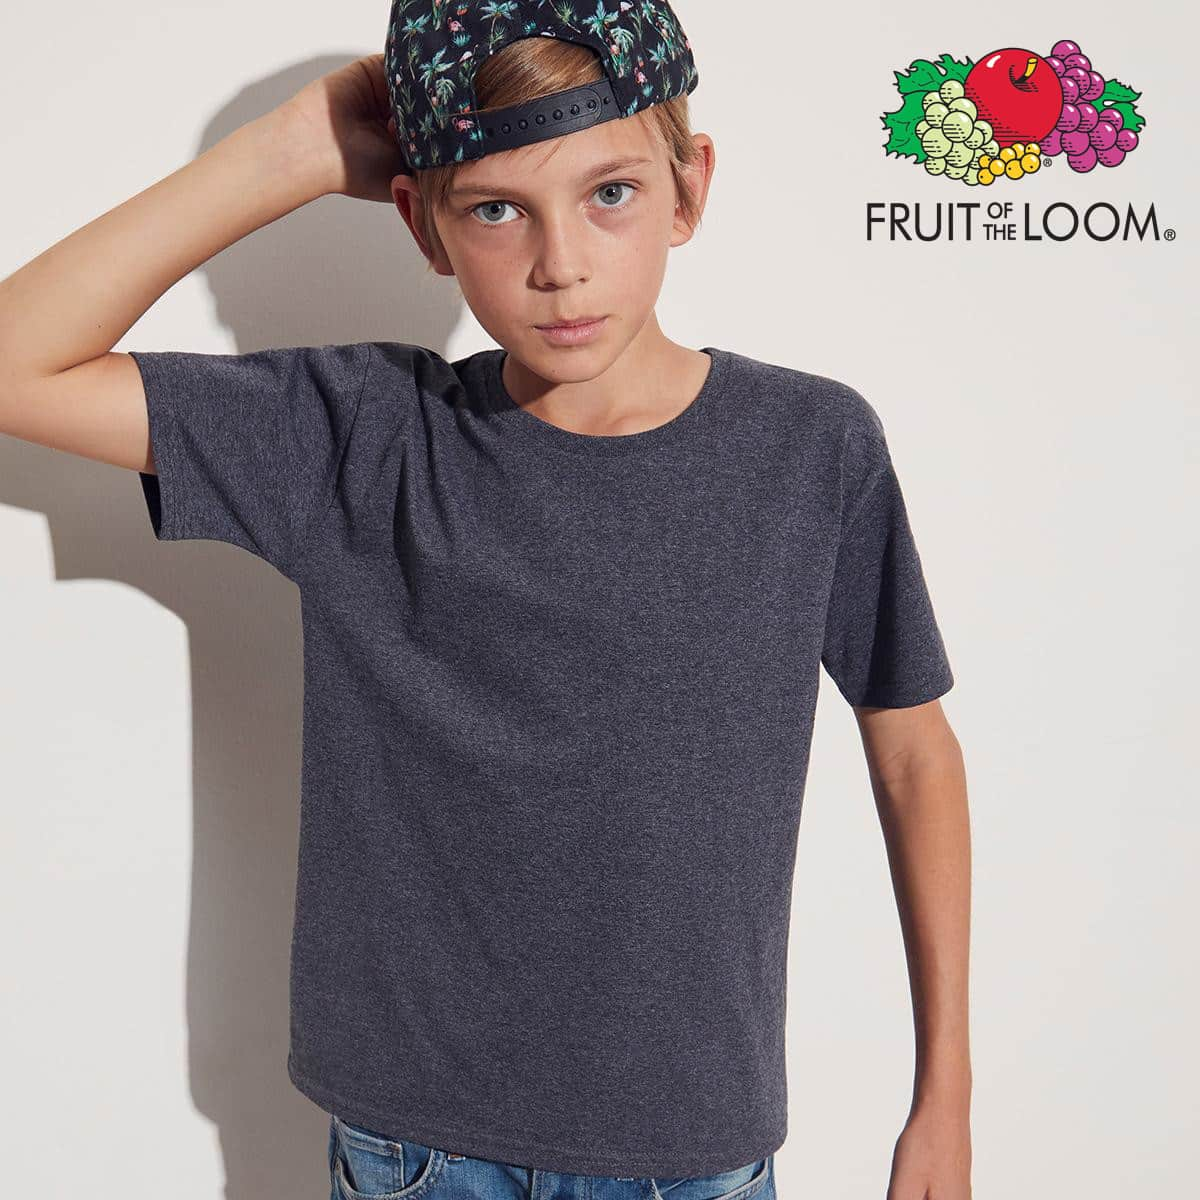 Bambino con tshirt blu e jeans, cappello a tema floreale indossato al rovescio